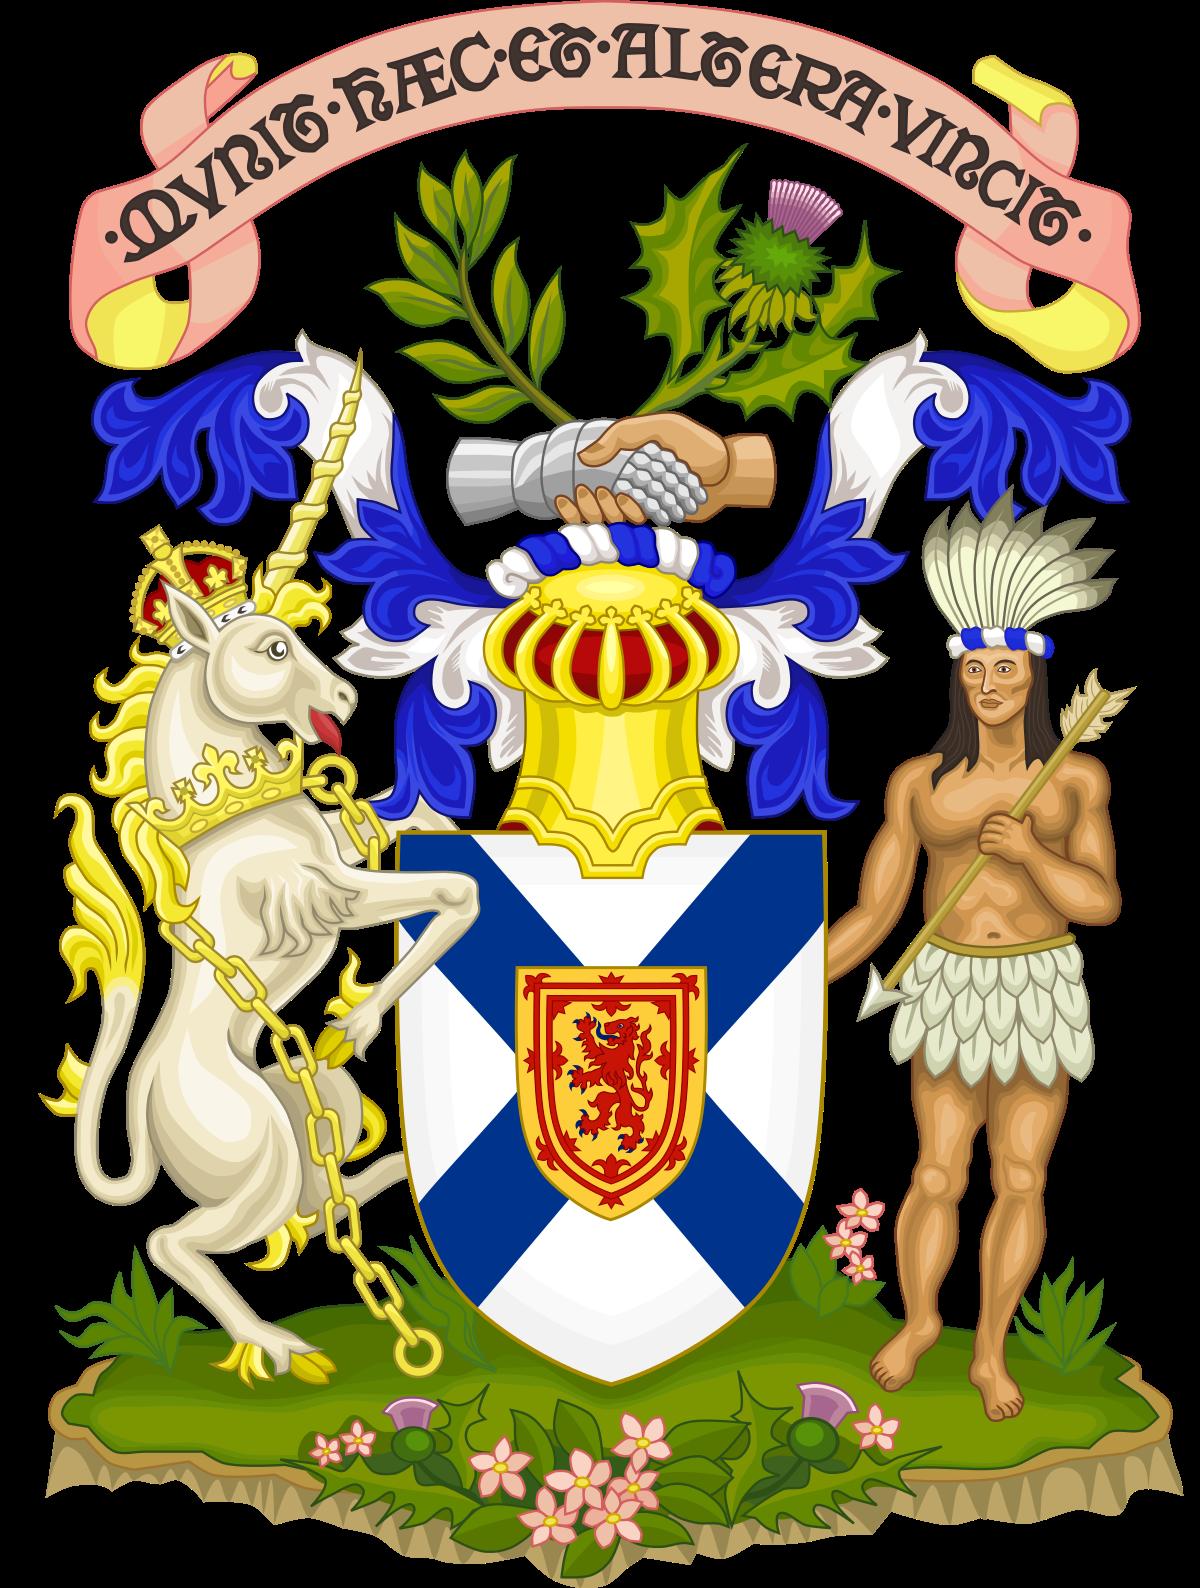 Nova Scotia New Democratic Party.